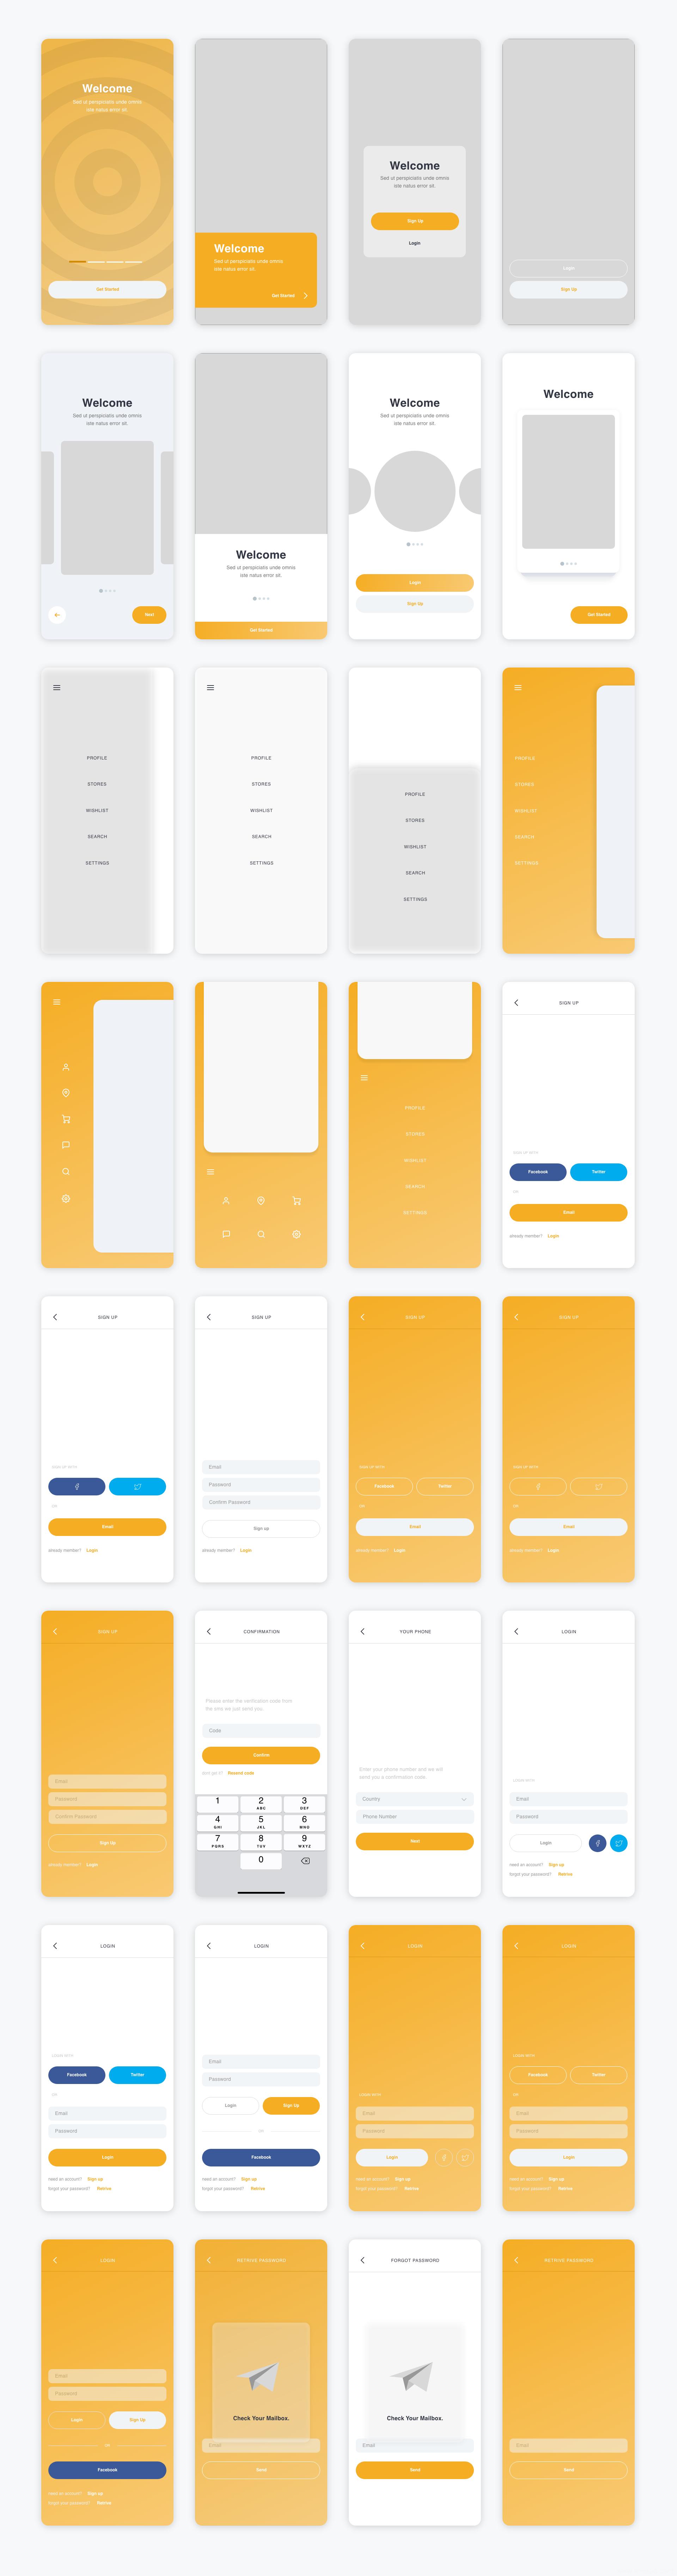 一套优秀的电商app UI素材下载,电商APP UI源文件,电商APP sketch、xd源文件UI资源